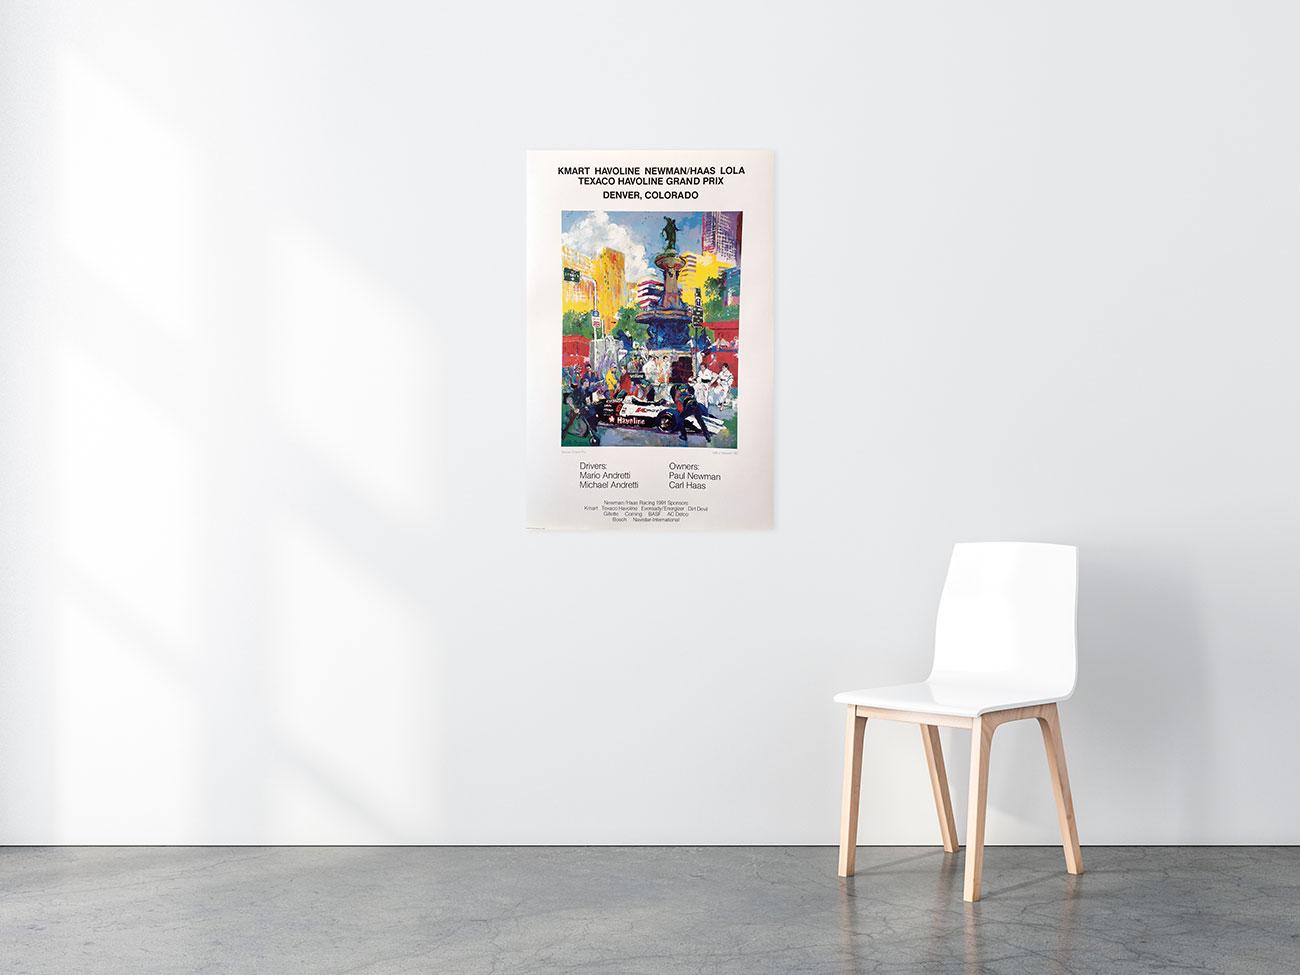 KMart Havoline, Denver Grand Prix poster in situ